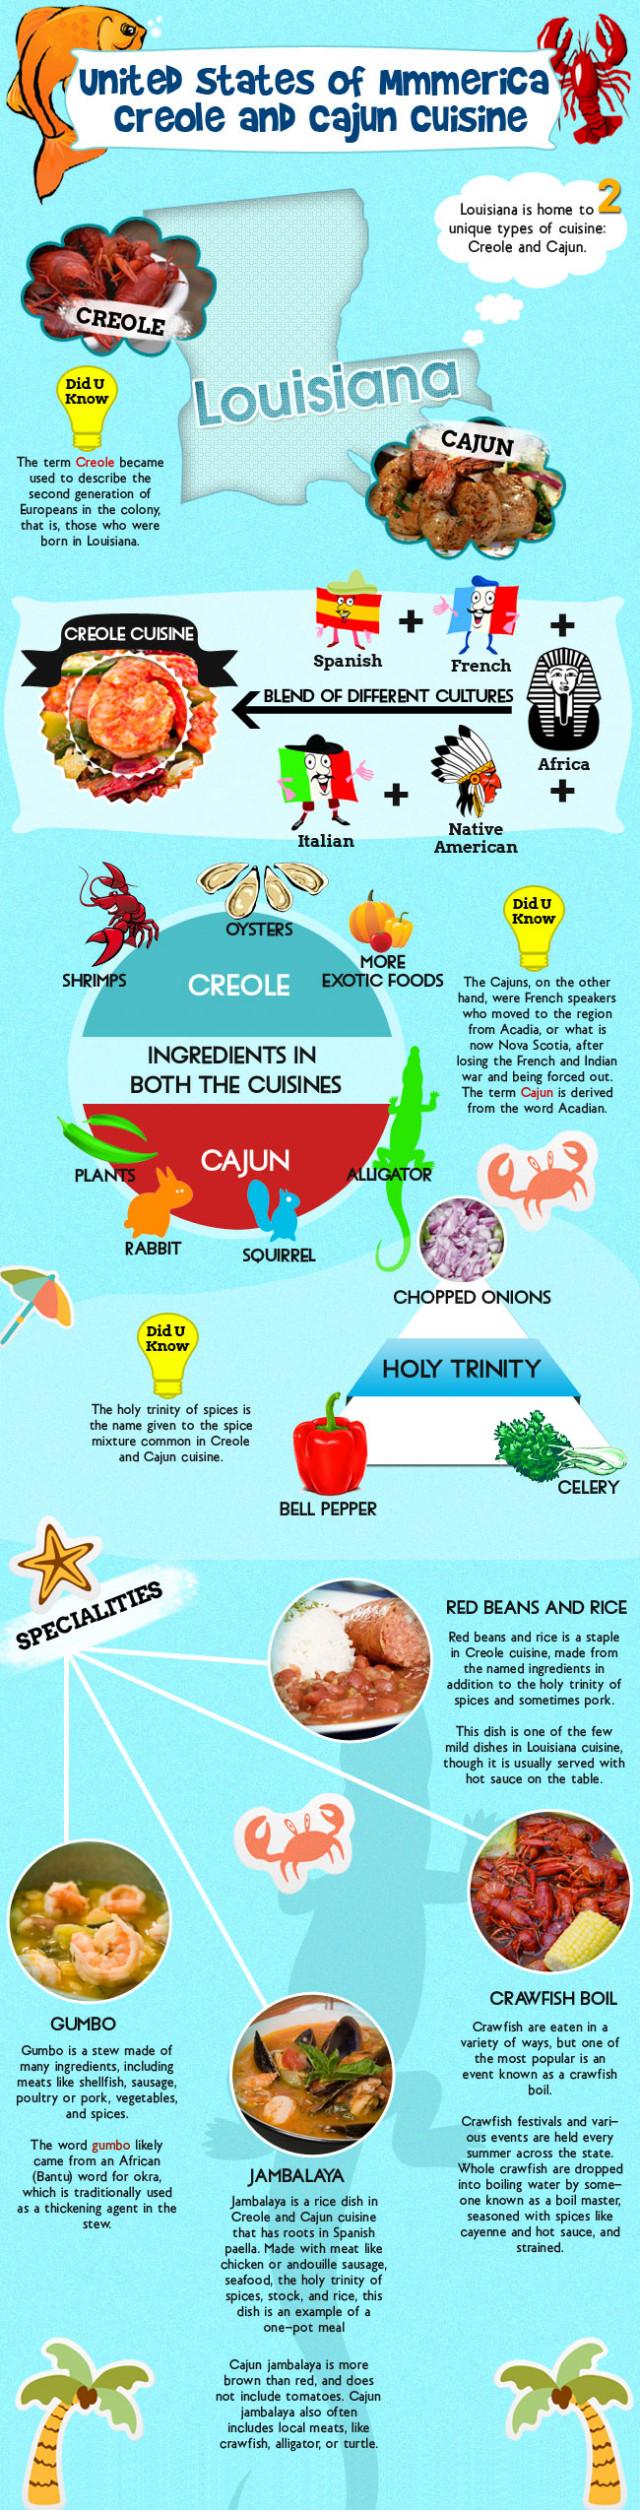 Creole and Cajun Cuisine - Louisiana